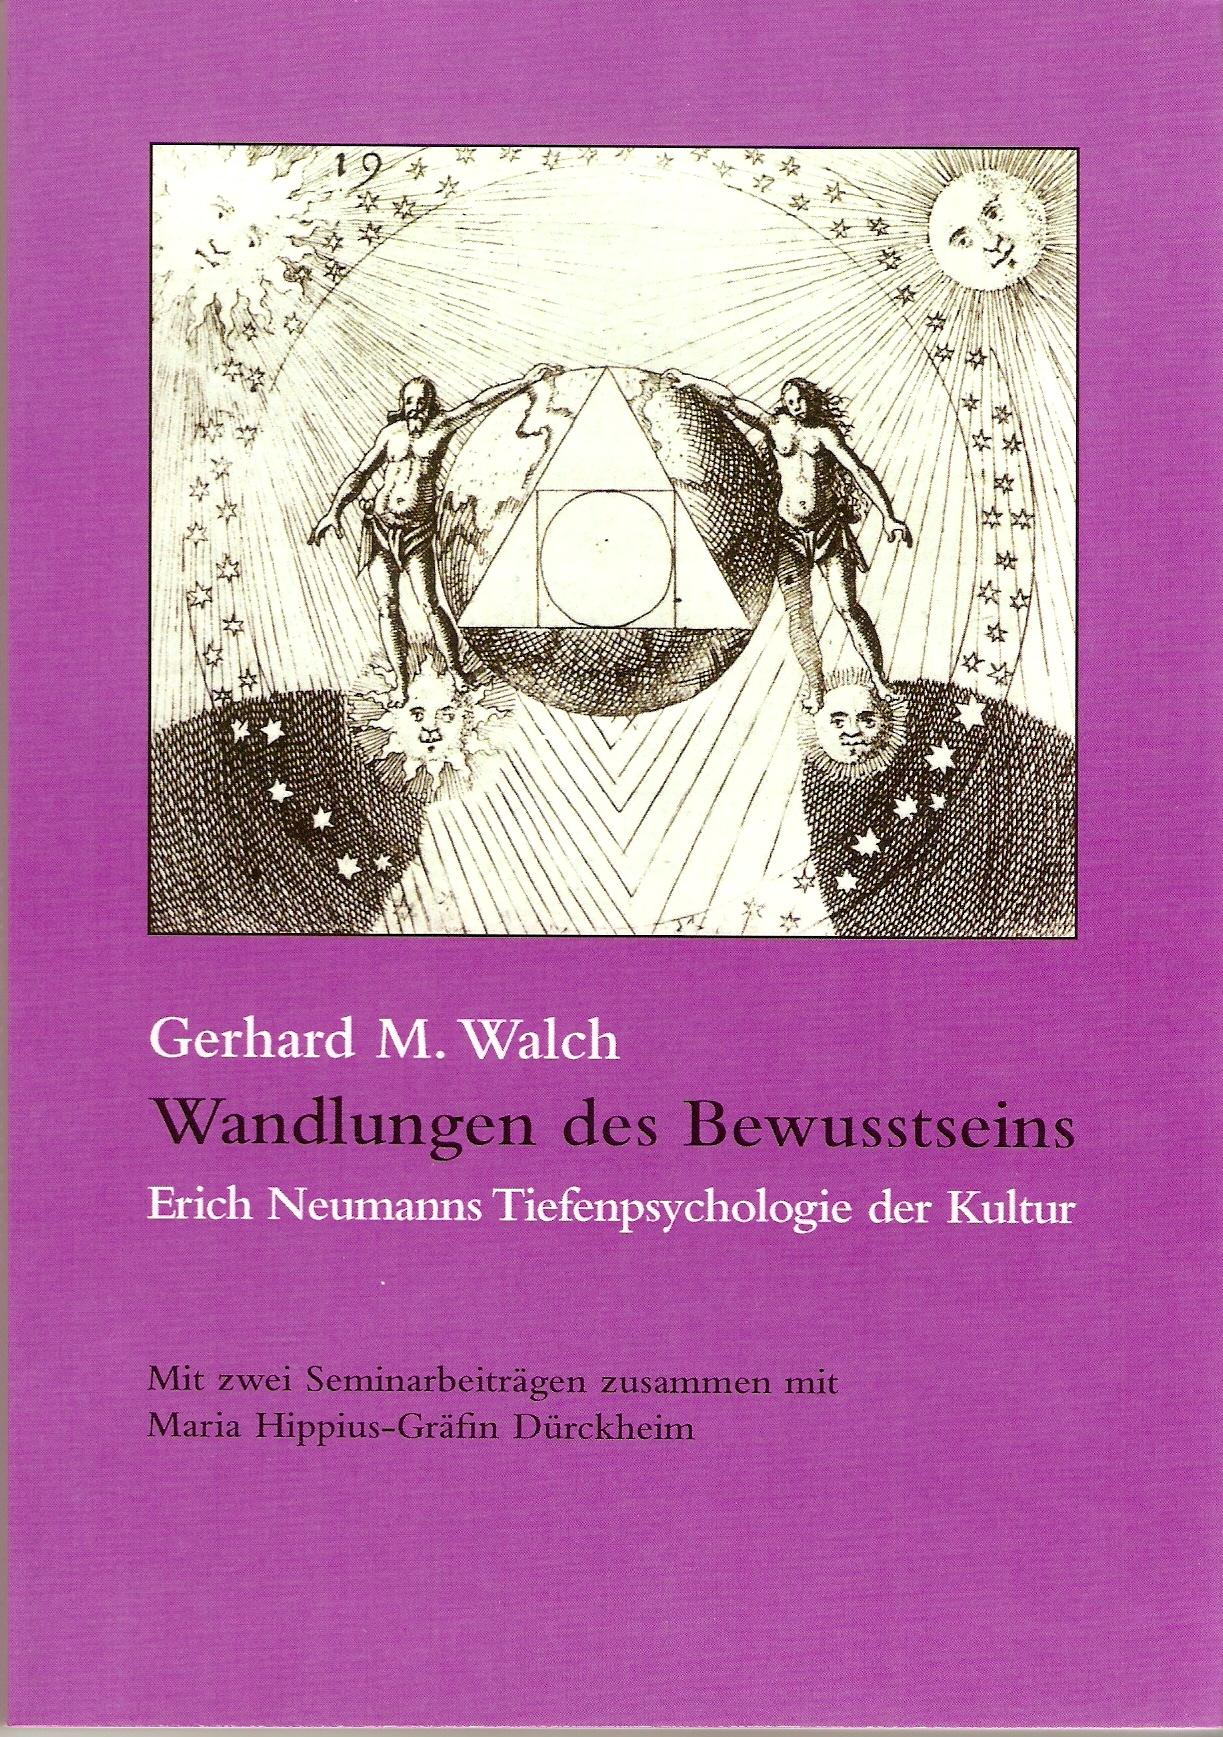 Cover – Wandlungen des Bewusstseins